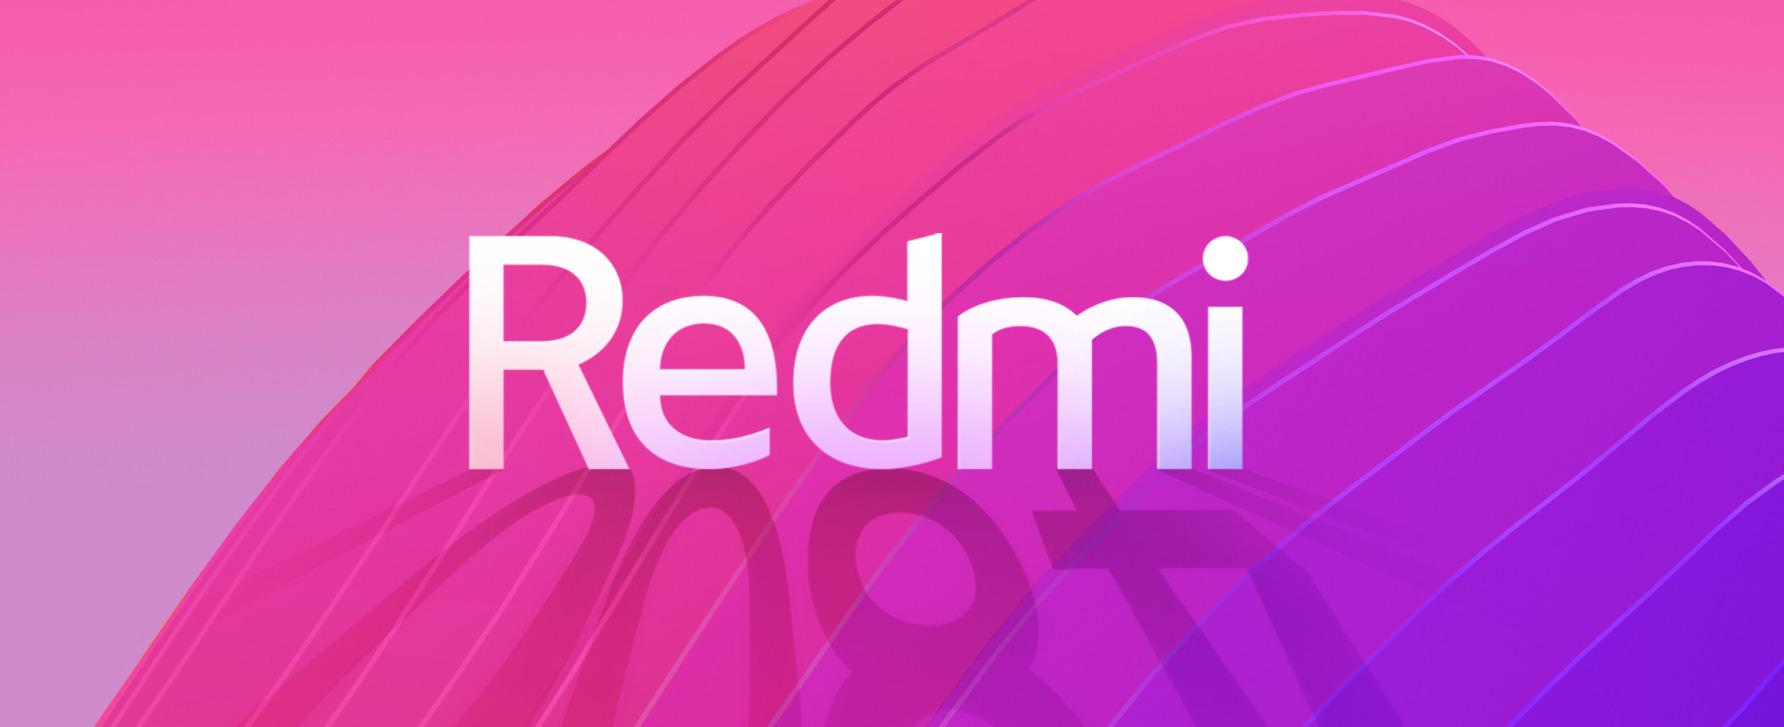 Redmi Pro 2 : Snapdragon 855, trois capteurs et caméra pop-up en rumeur